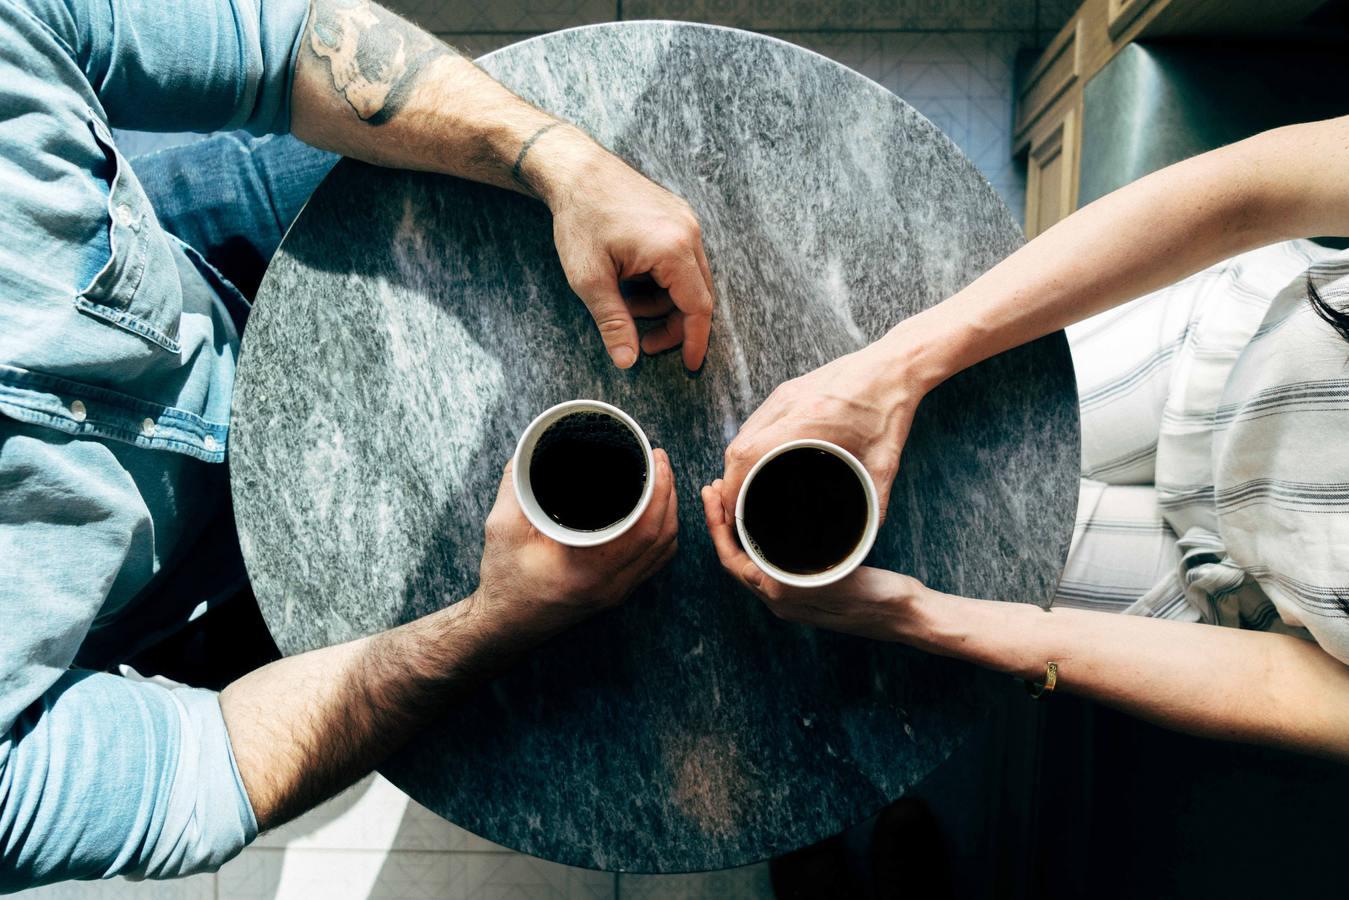 hai người đang cầm cốc cà phê ngồi đối diện nhau